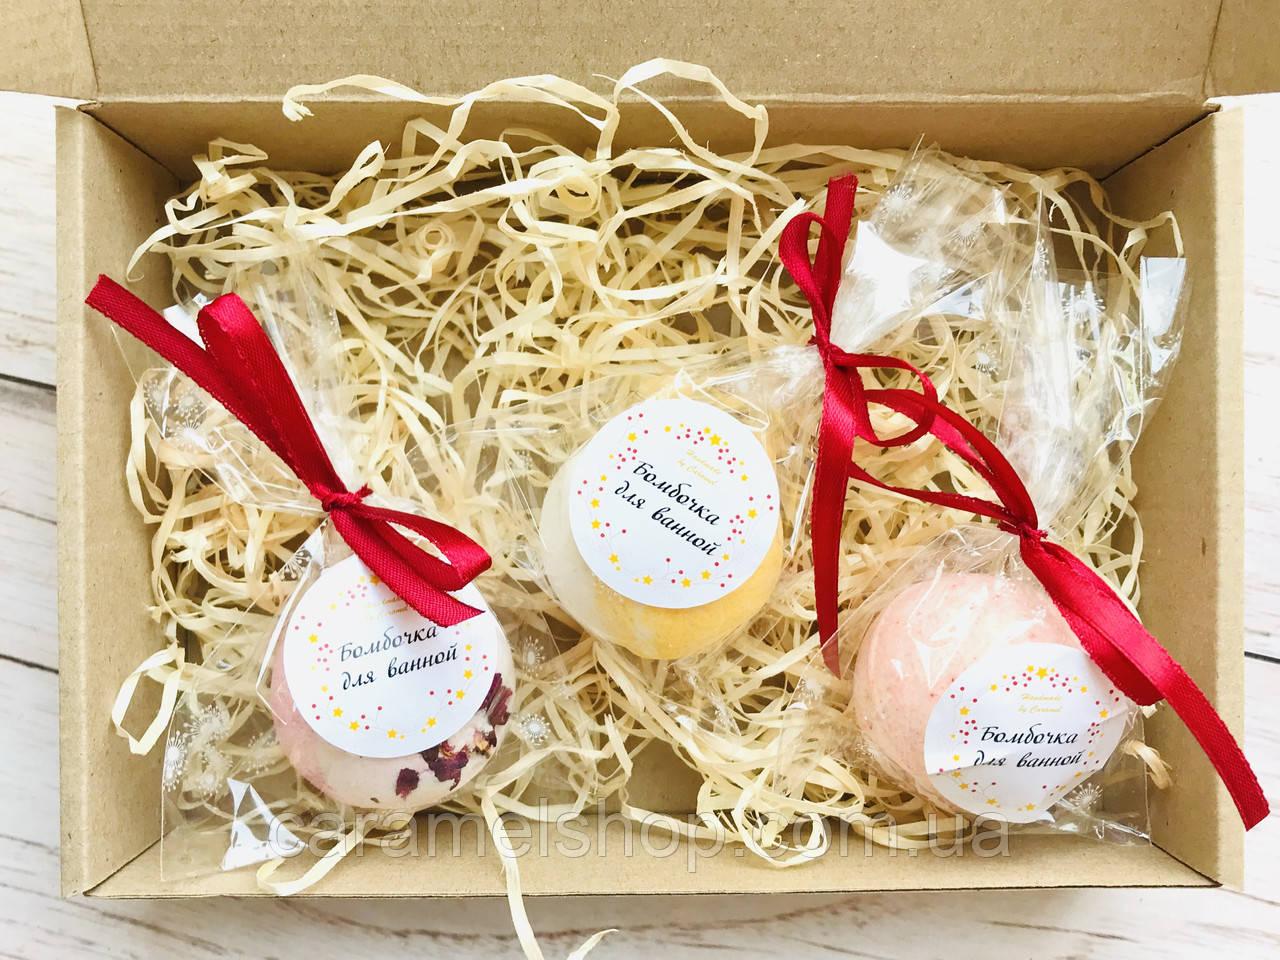 Набор бомбочек для ванной гейзер ручной работы Handmade by Caramel КРУГЛЫЕ 3 шт